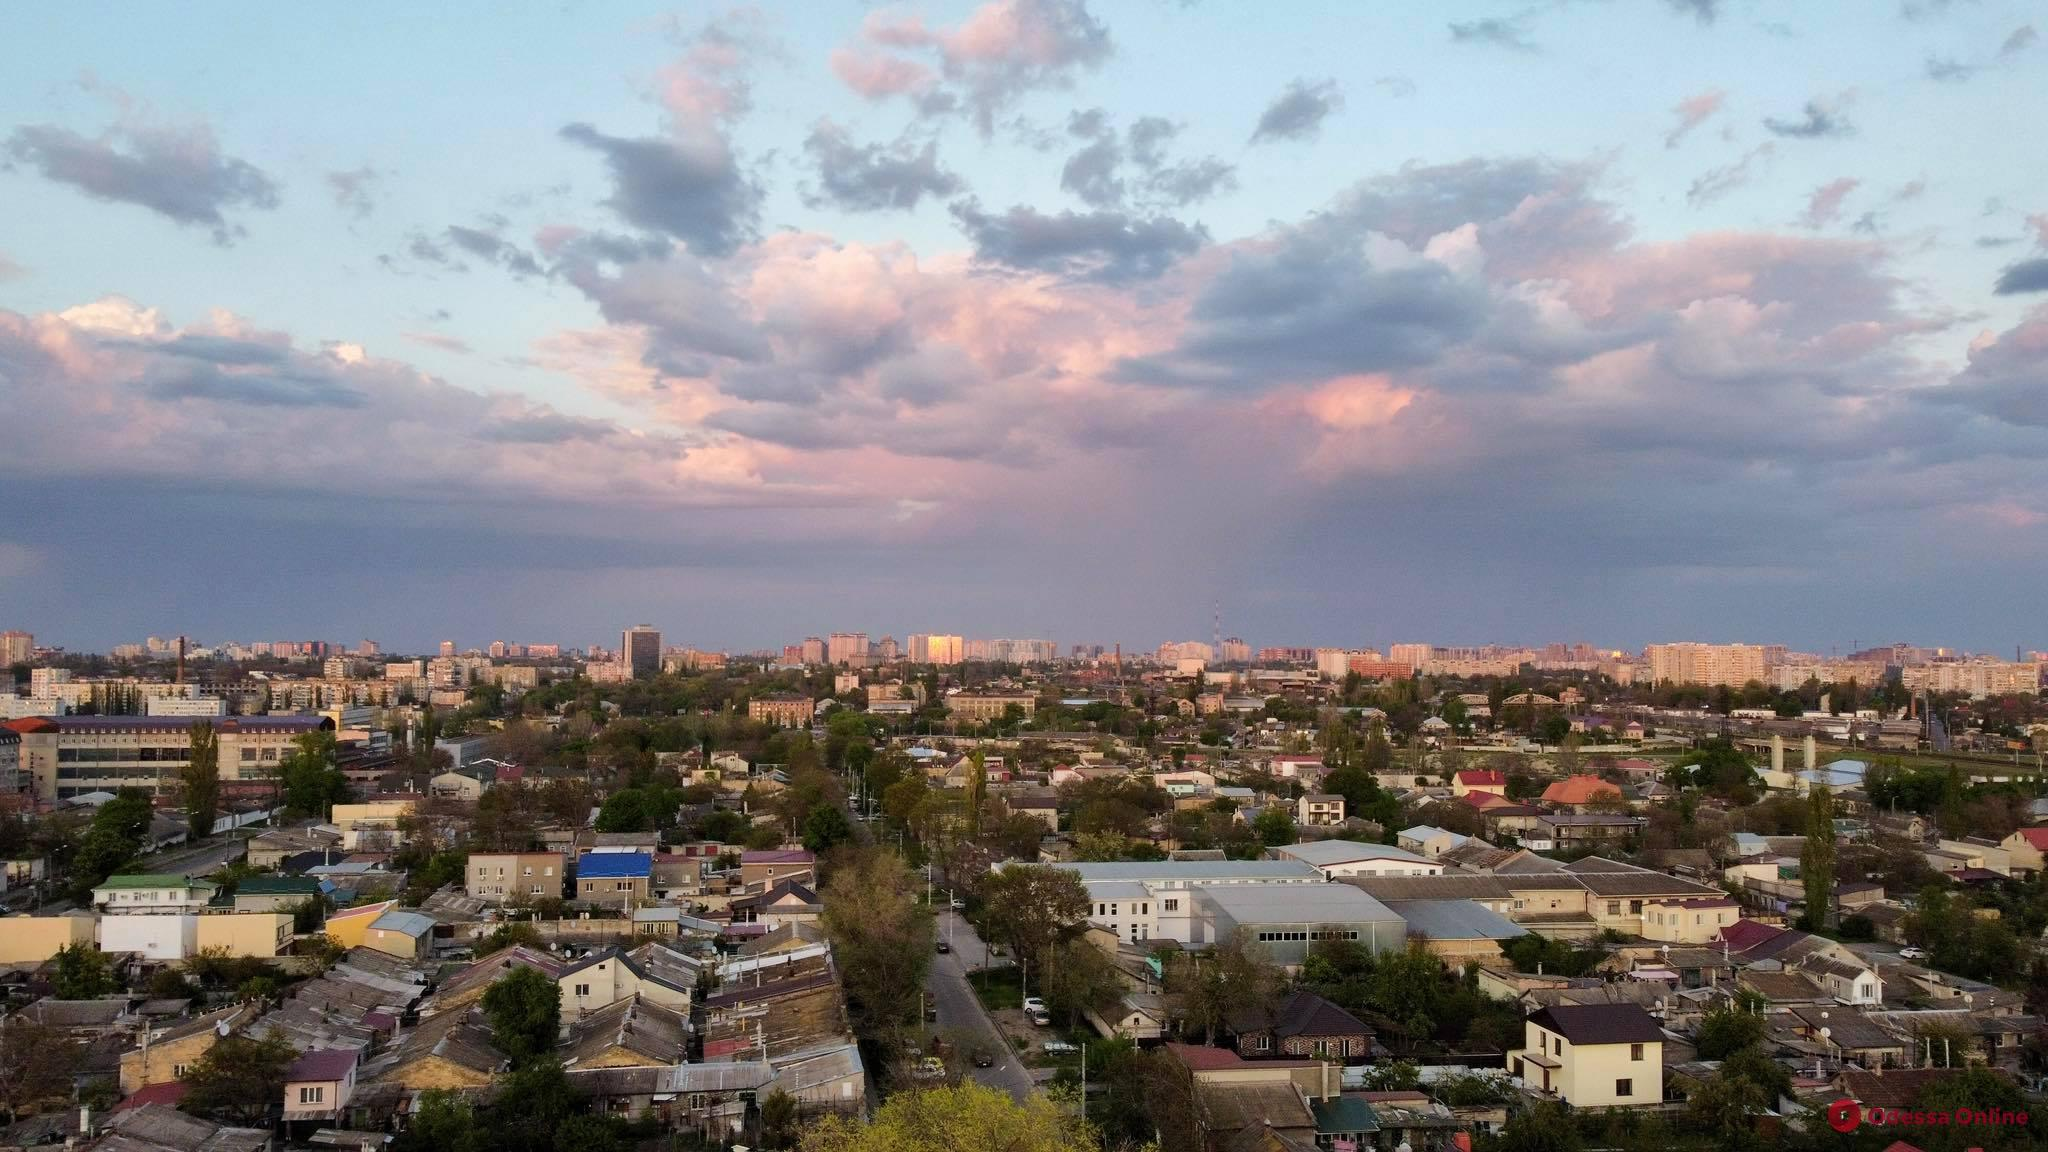 Мониторинг состояния воздуха: в Одессе незначительно превышена предельно допустимая концентрация загрязнения